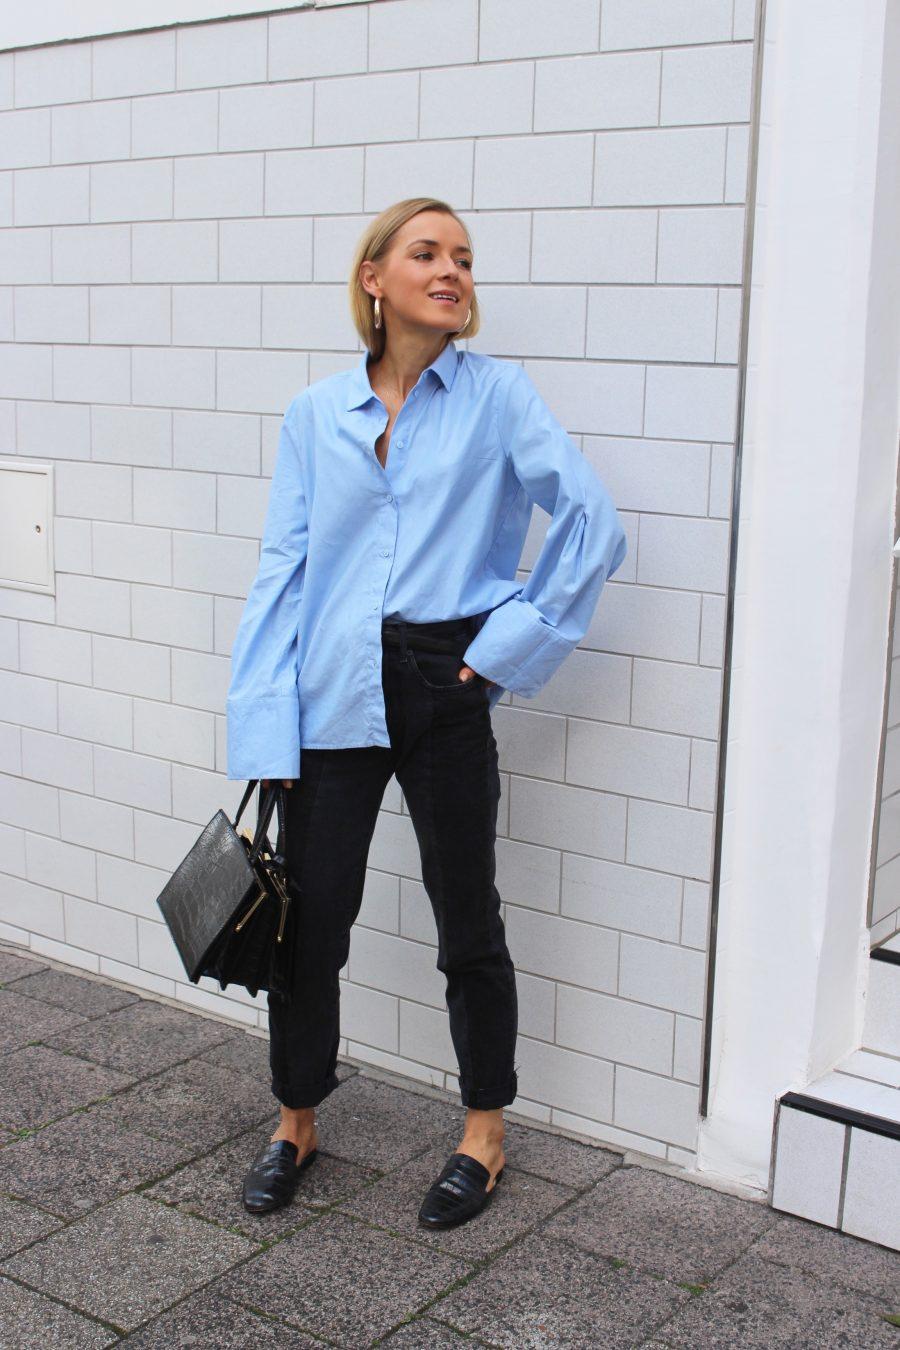 vetements jeans H&M grey